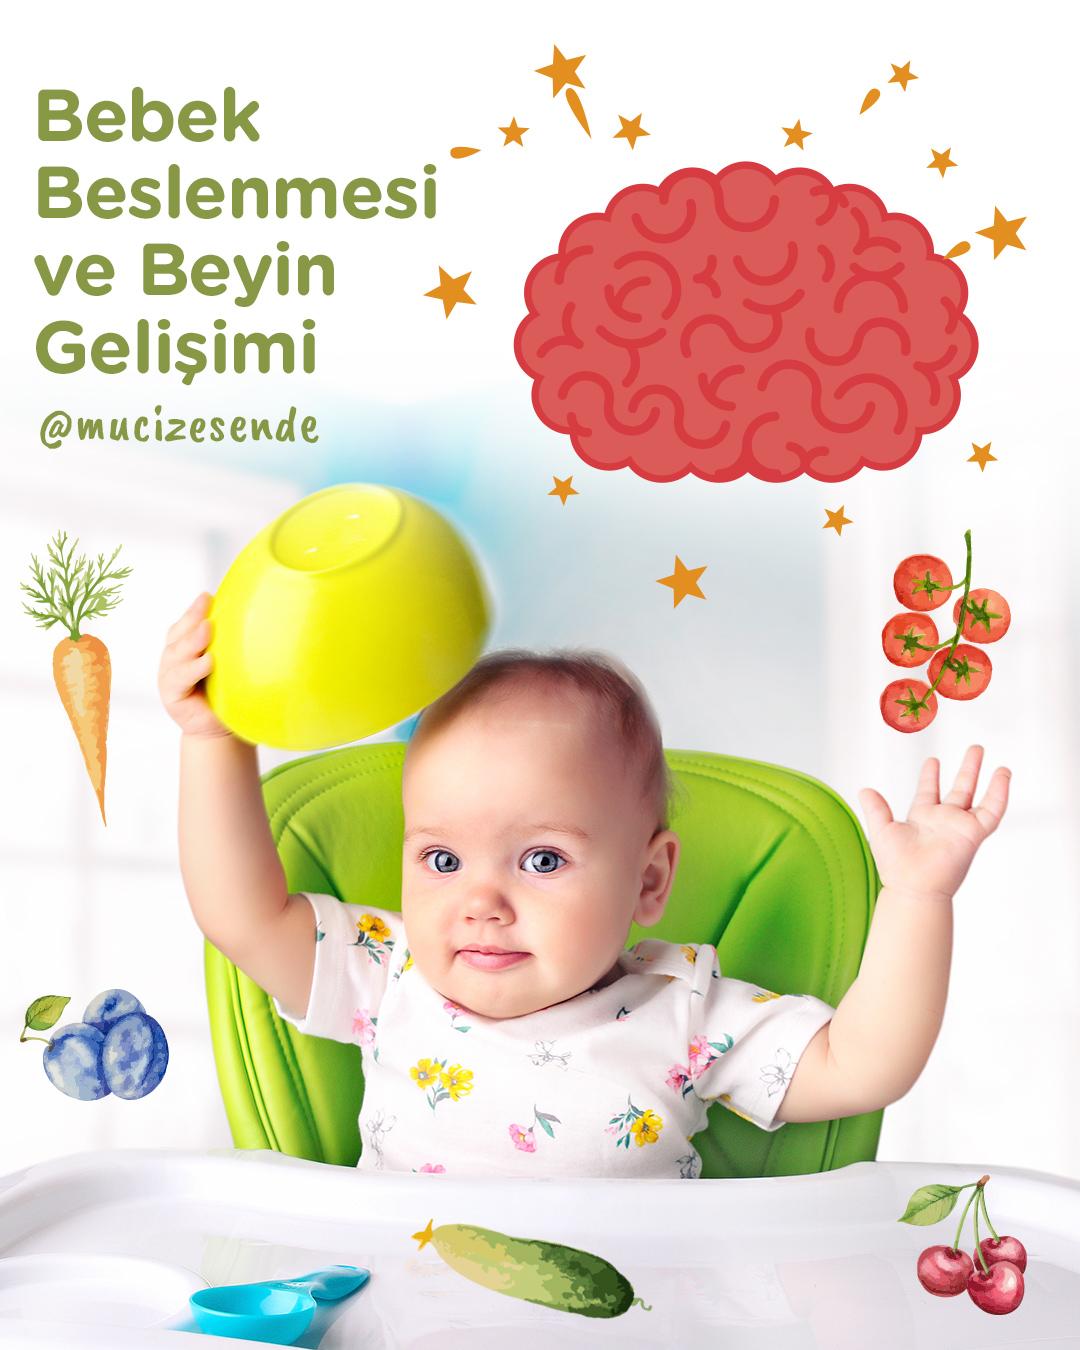 Bebek Beslenmesi ve Beyin Gelişimi